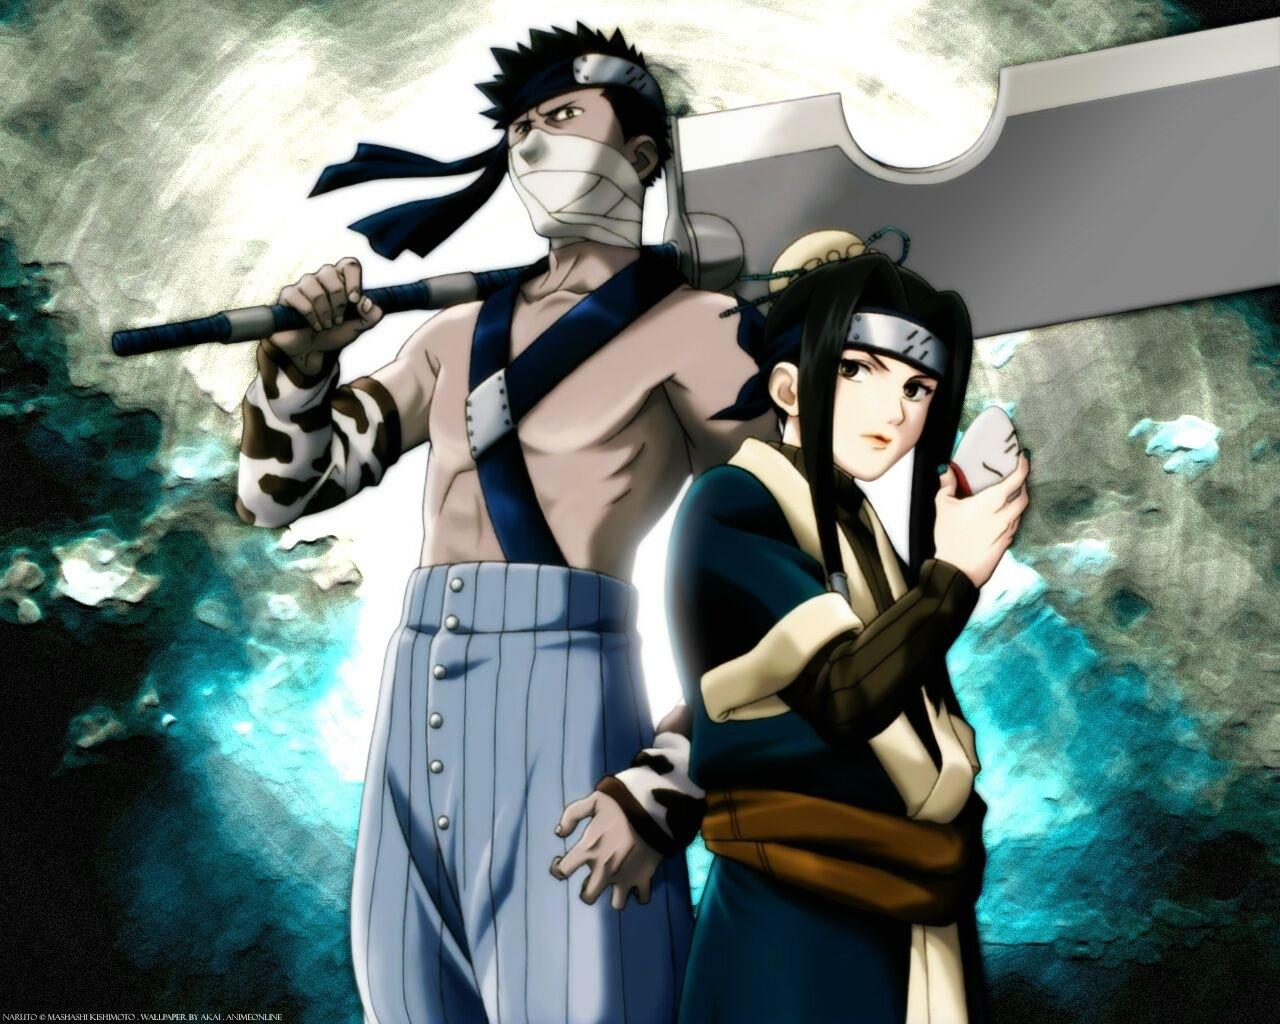 893 descargar fondo de pantalla Anime: protectores de pantalla e imágenes gratis